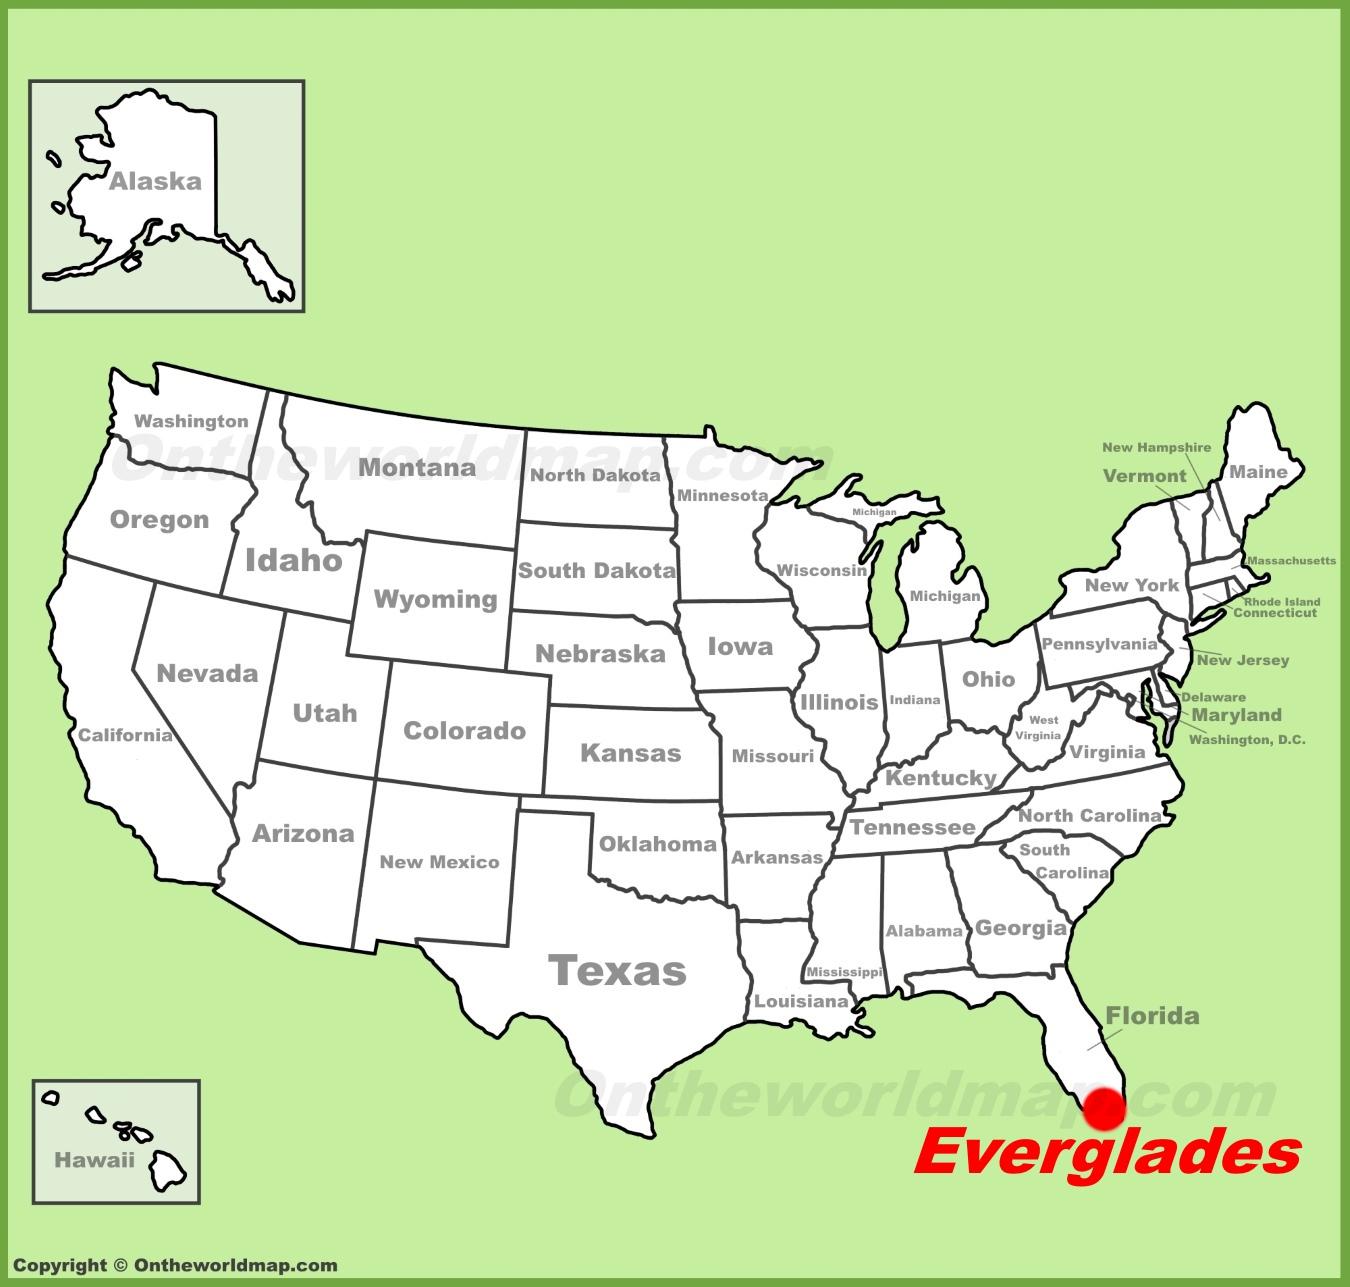 Everglades National Park Maps | Usa | Maps Of Everglades National - Map Of Florida Showing The Everglades